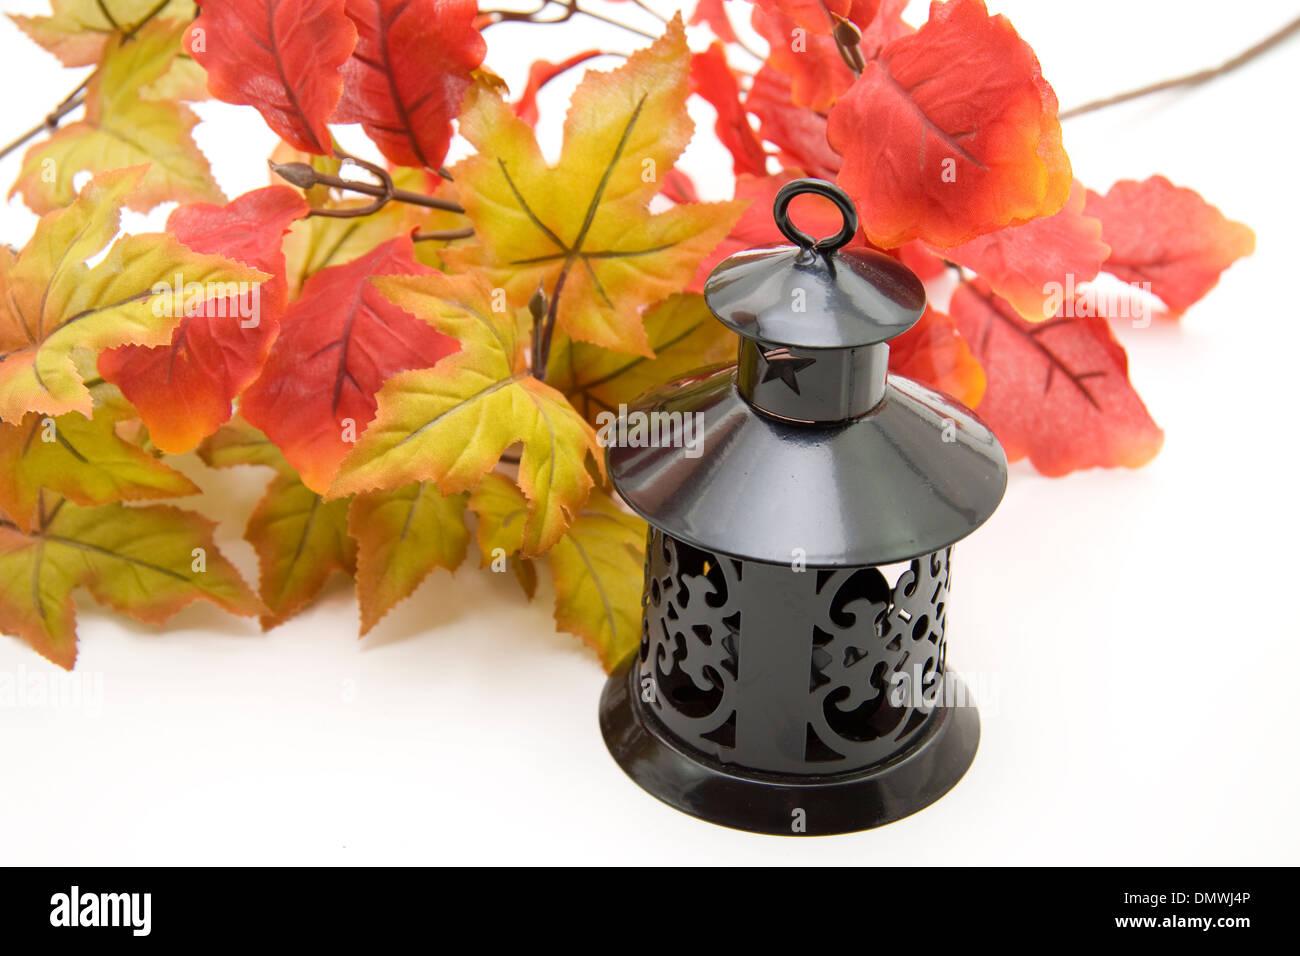 Luce di tè lanterna con ramo di foglio su sfondo bianco Immagini Stock